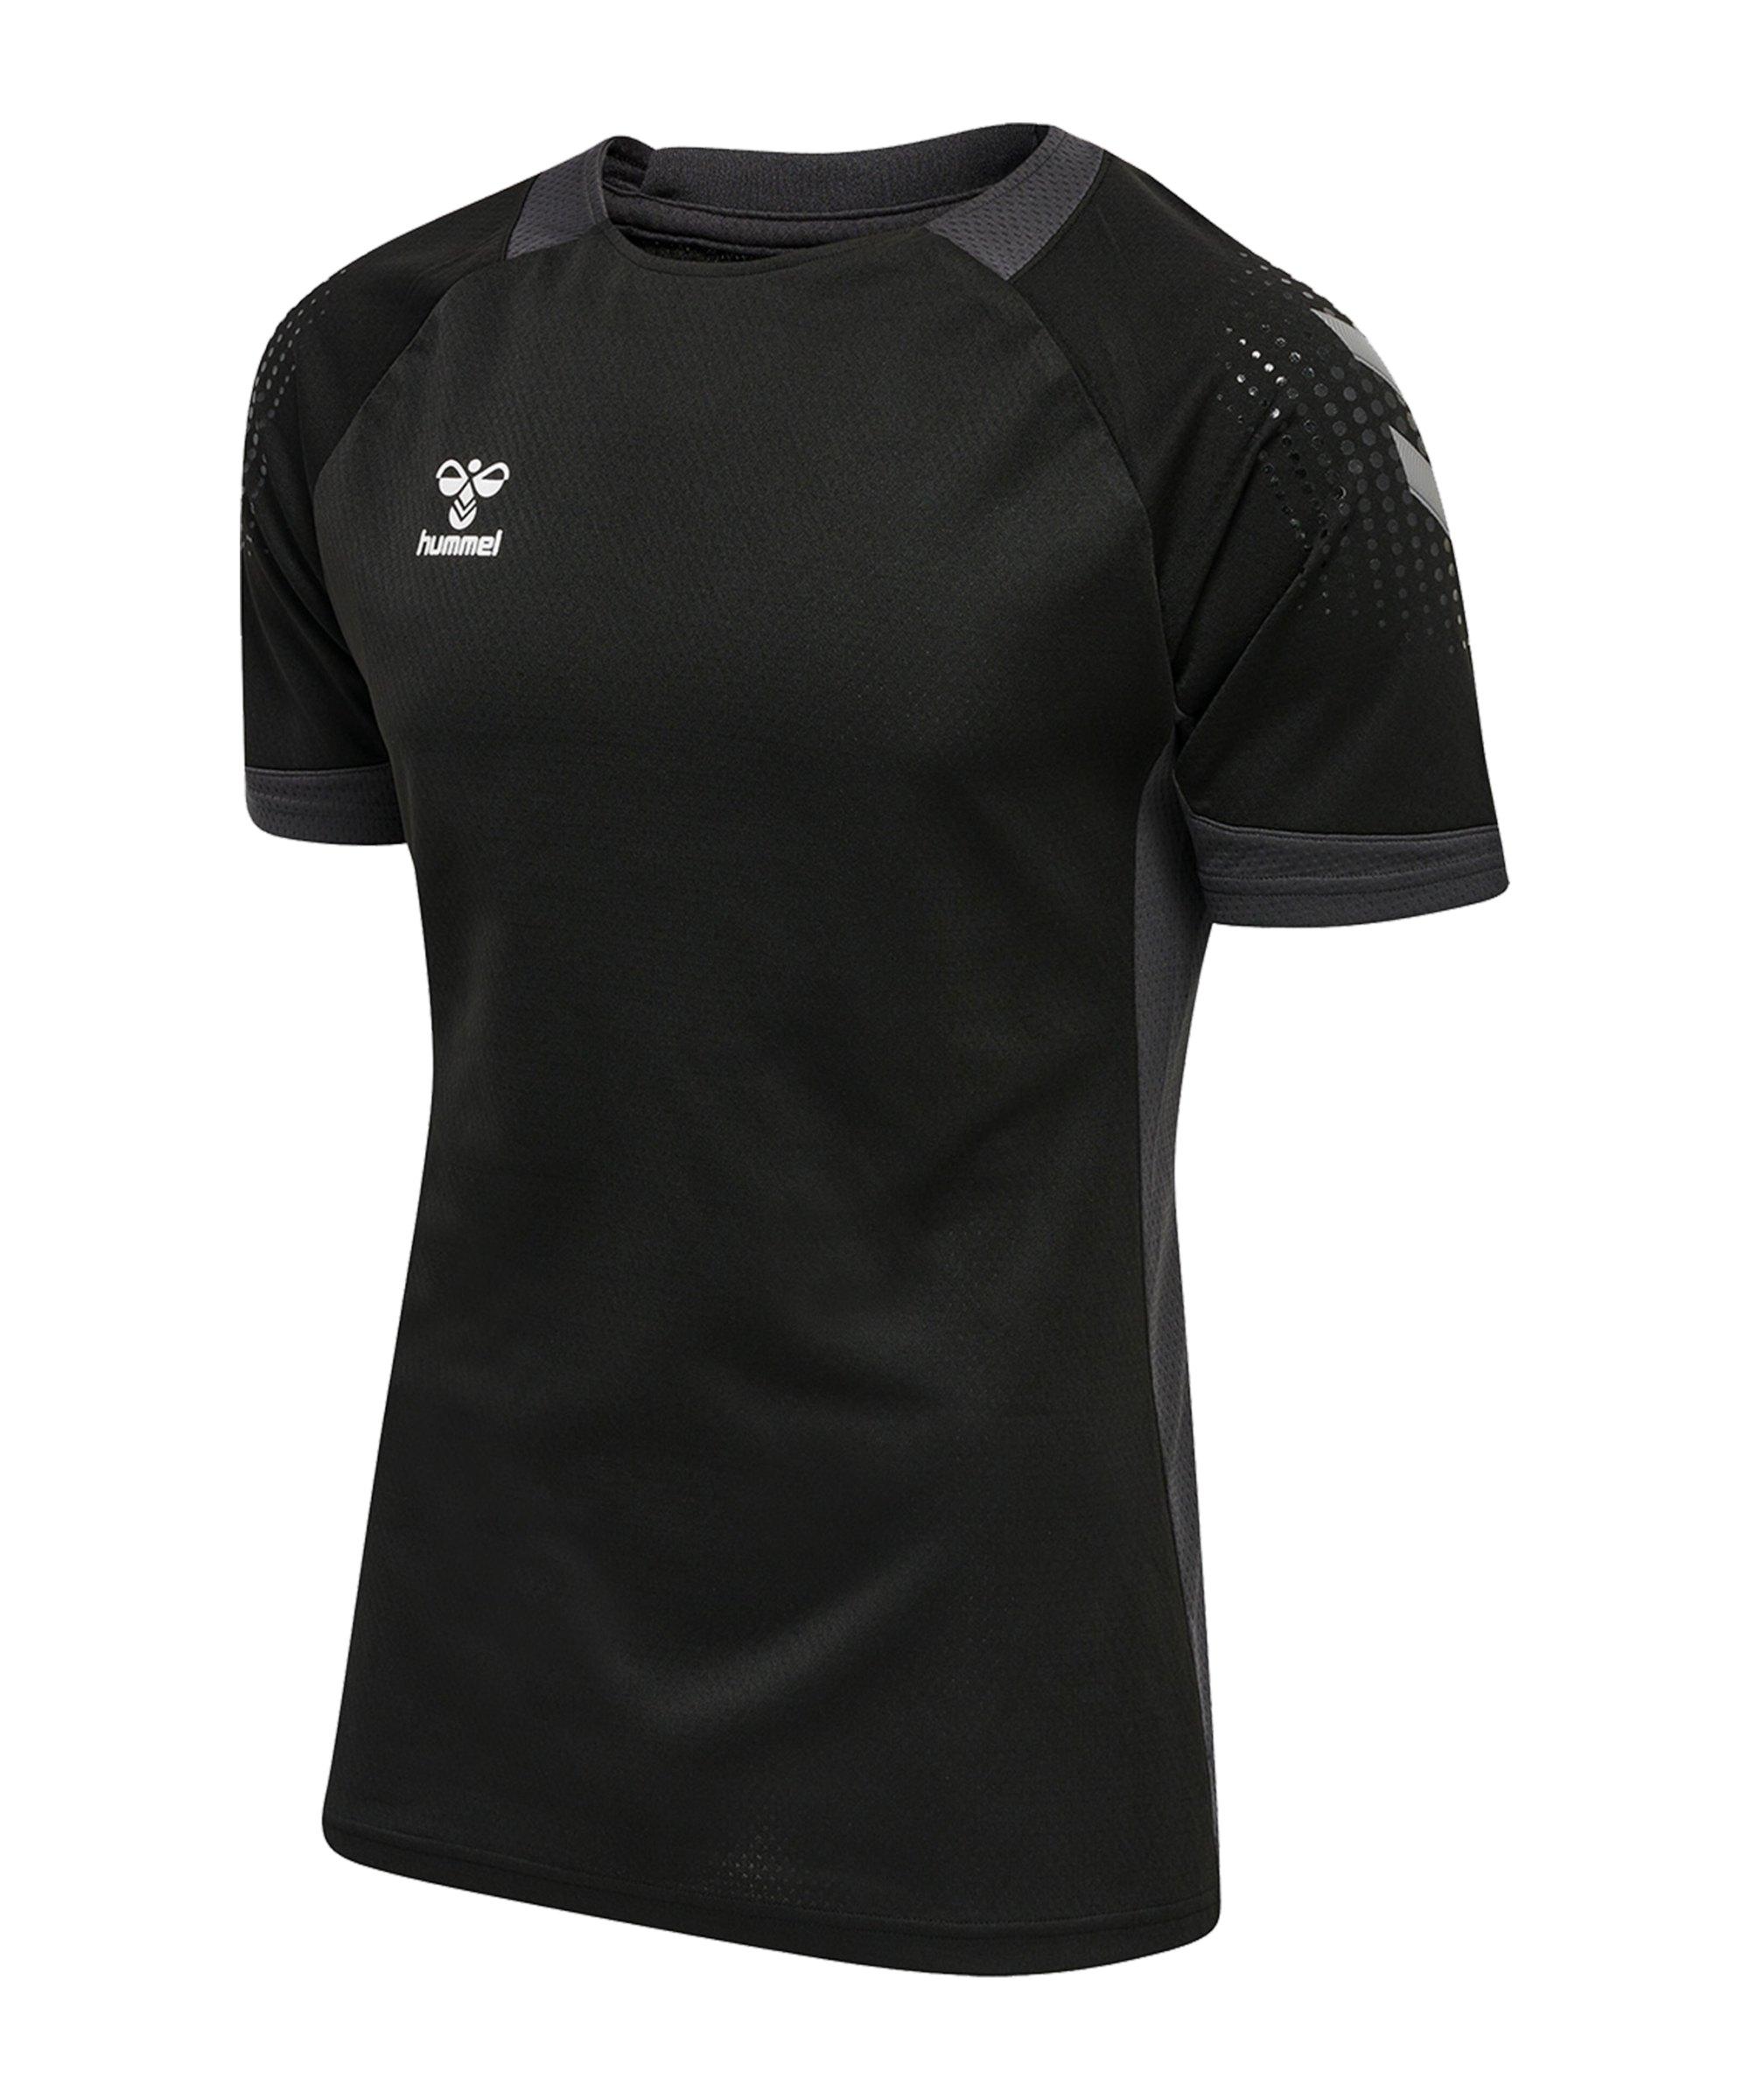 Hummel hmlLEAD Trainingsshirt Schwarz F2001 - schwarz